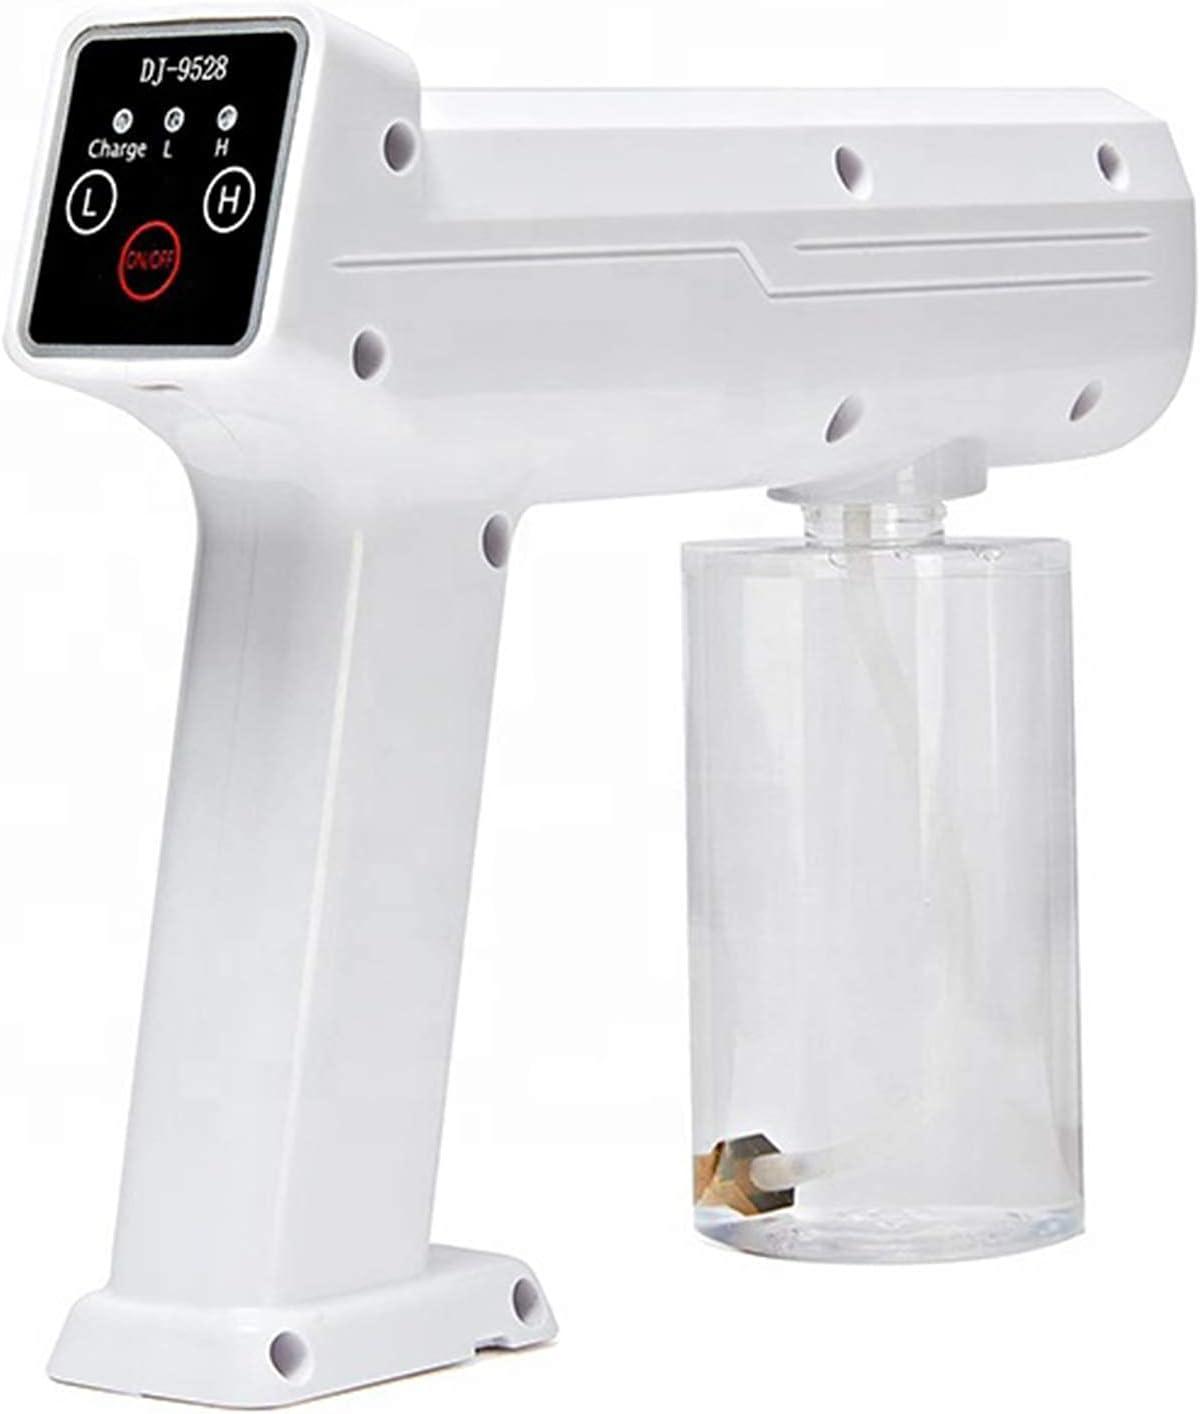 Year-end gift depot CJGJX Portable Atomizer Nano Gun Tou Disinfectant Spray